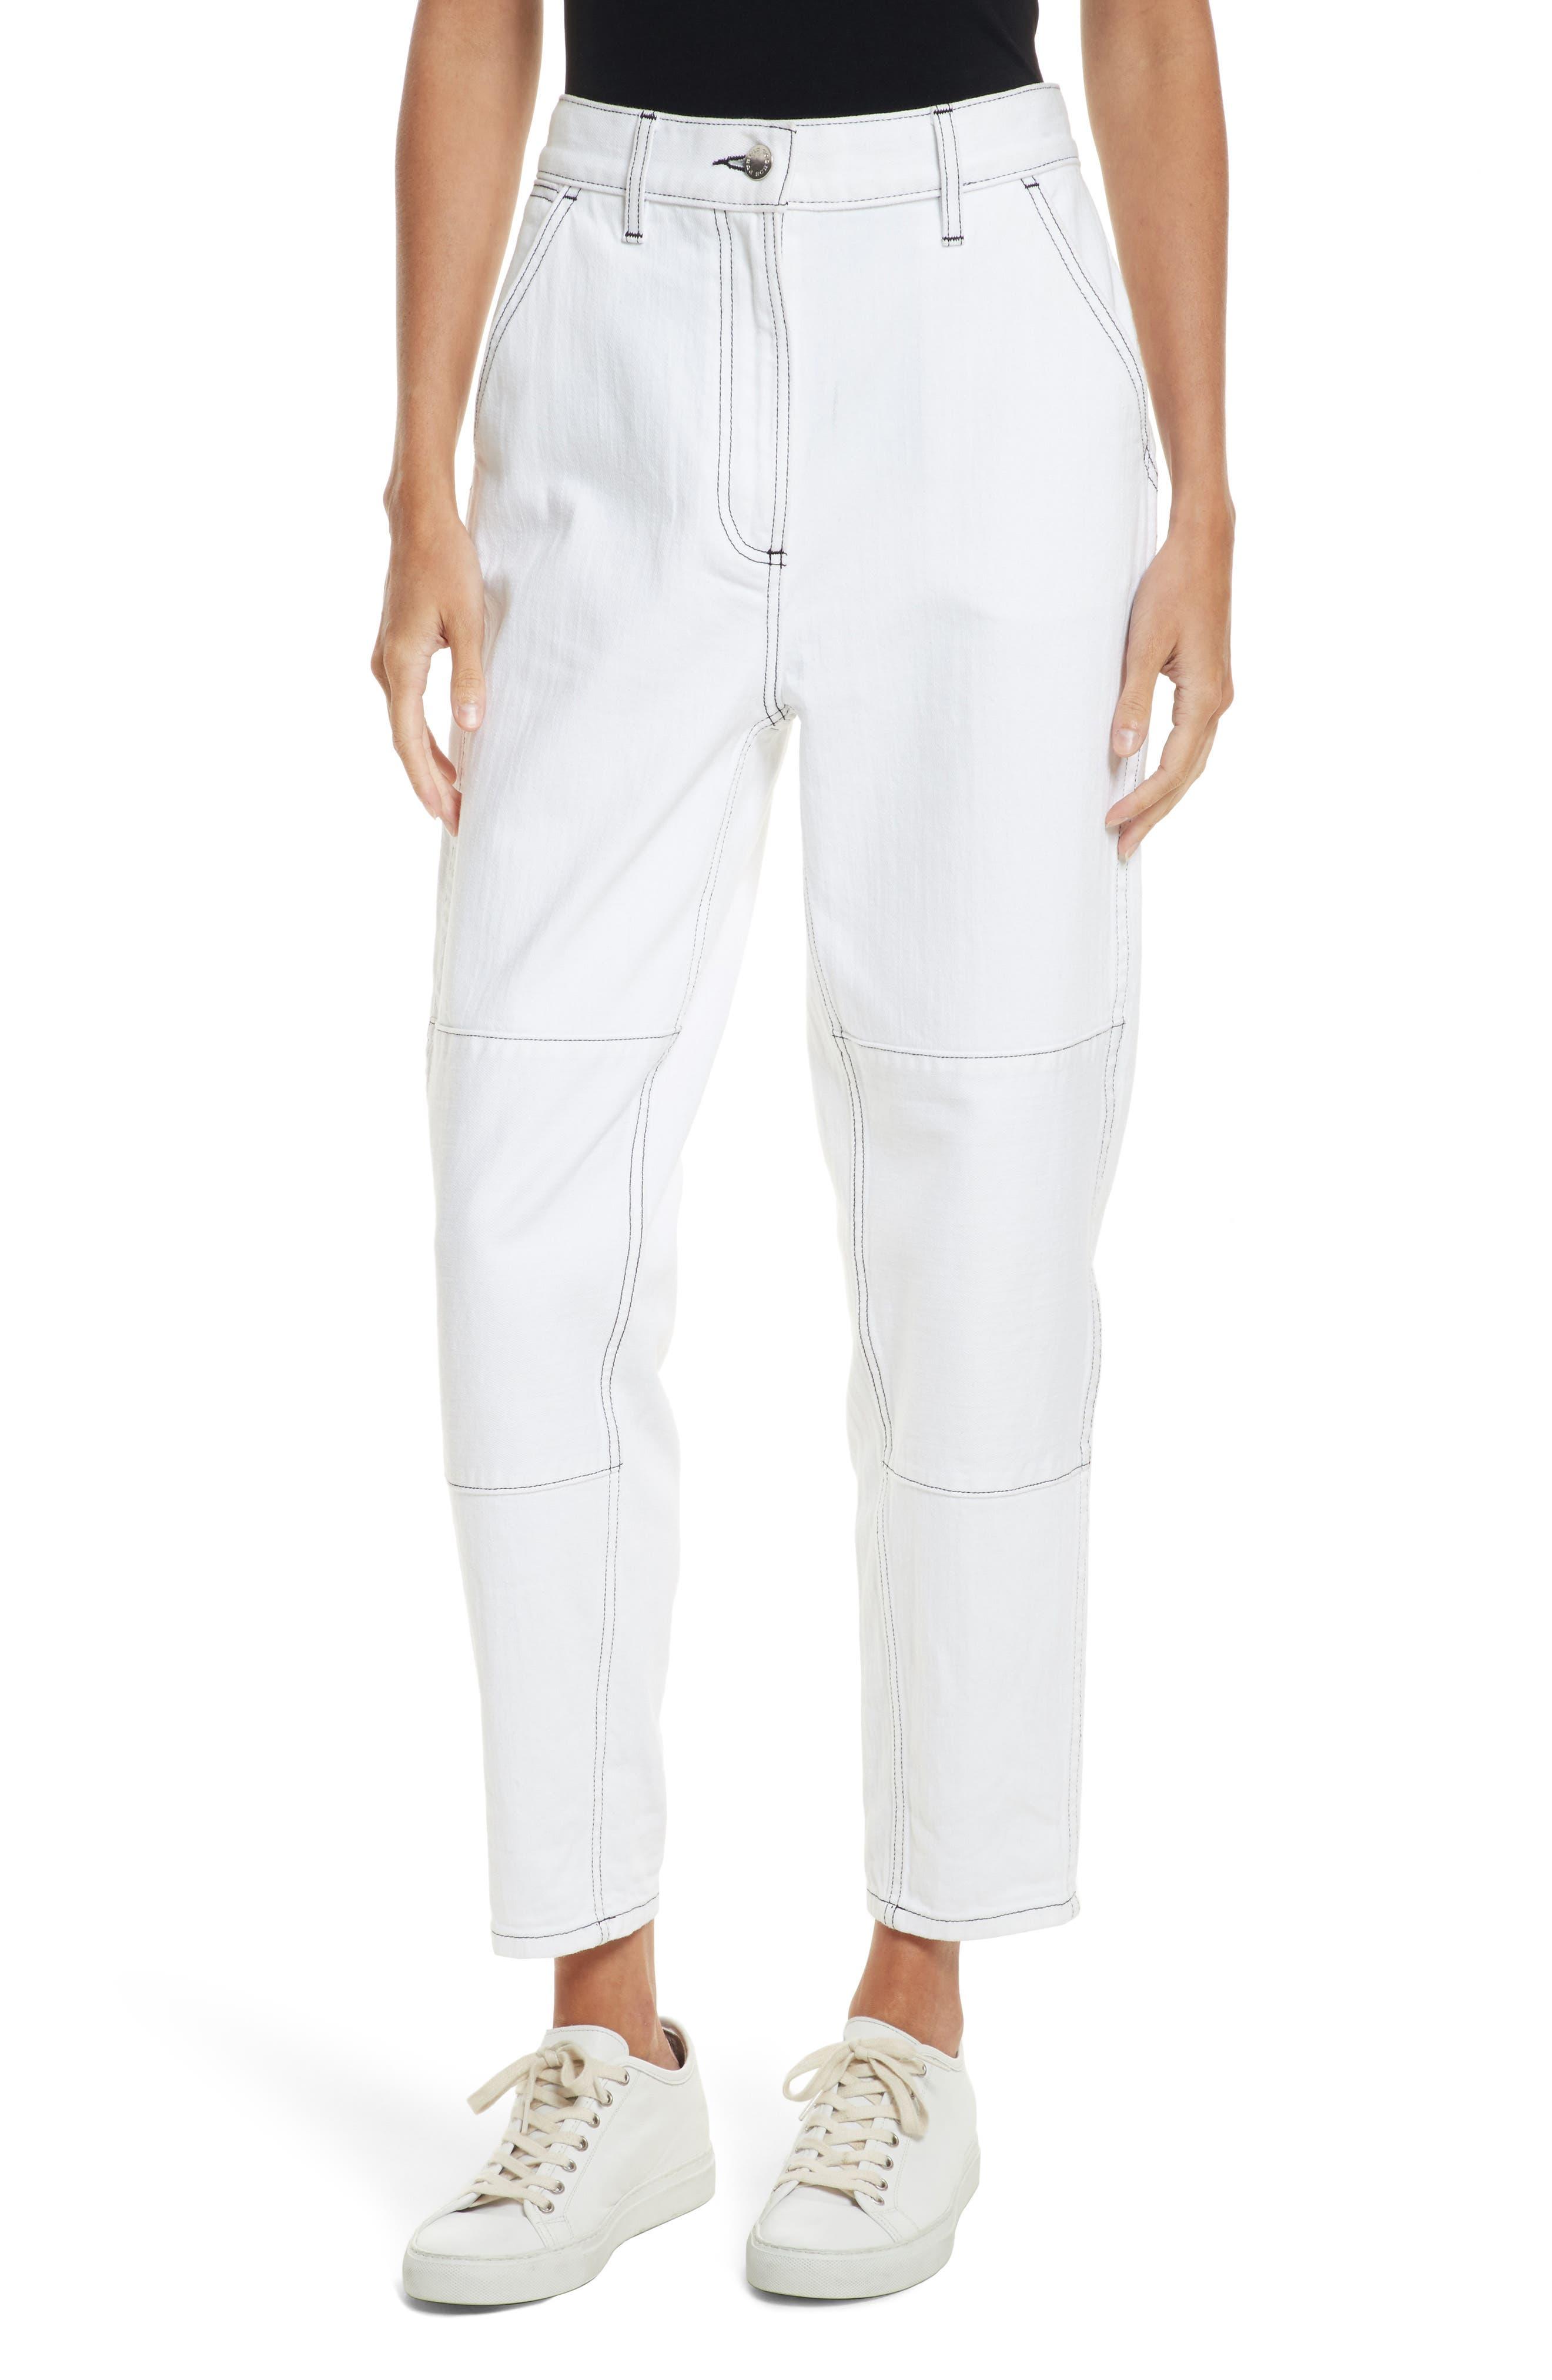 Pamela Ankle Jeans,                             Main thumbnail 1, color,                             100